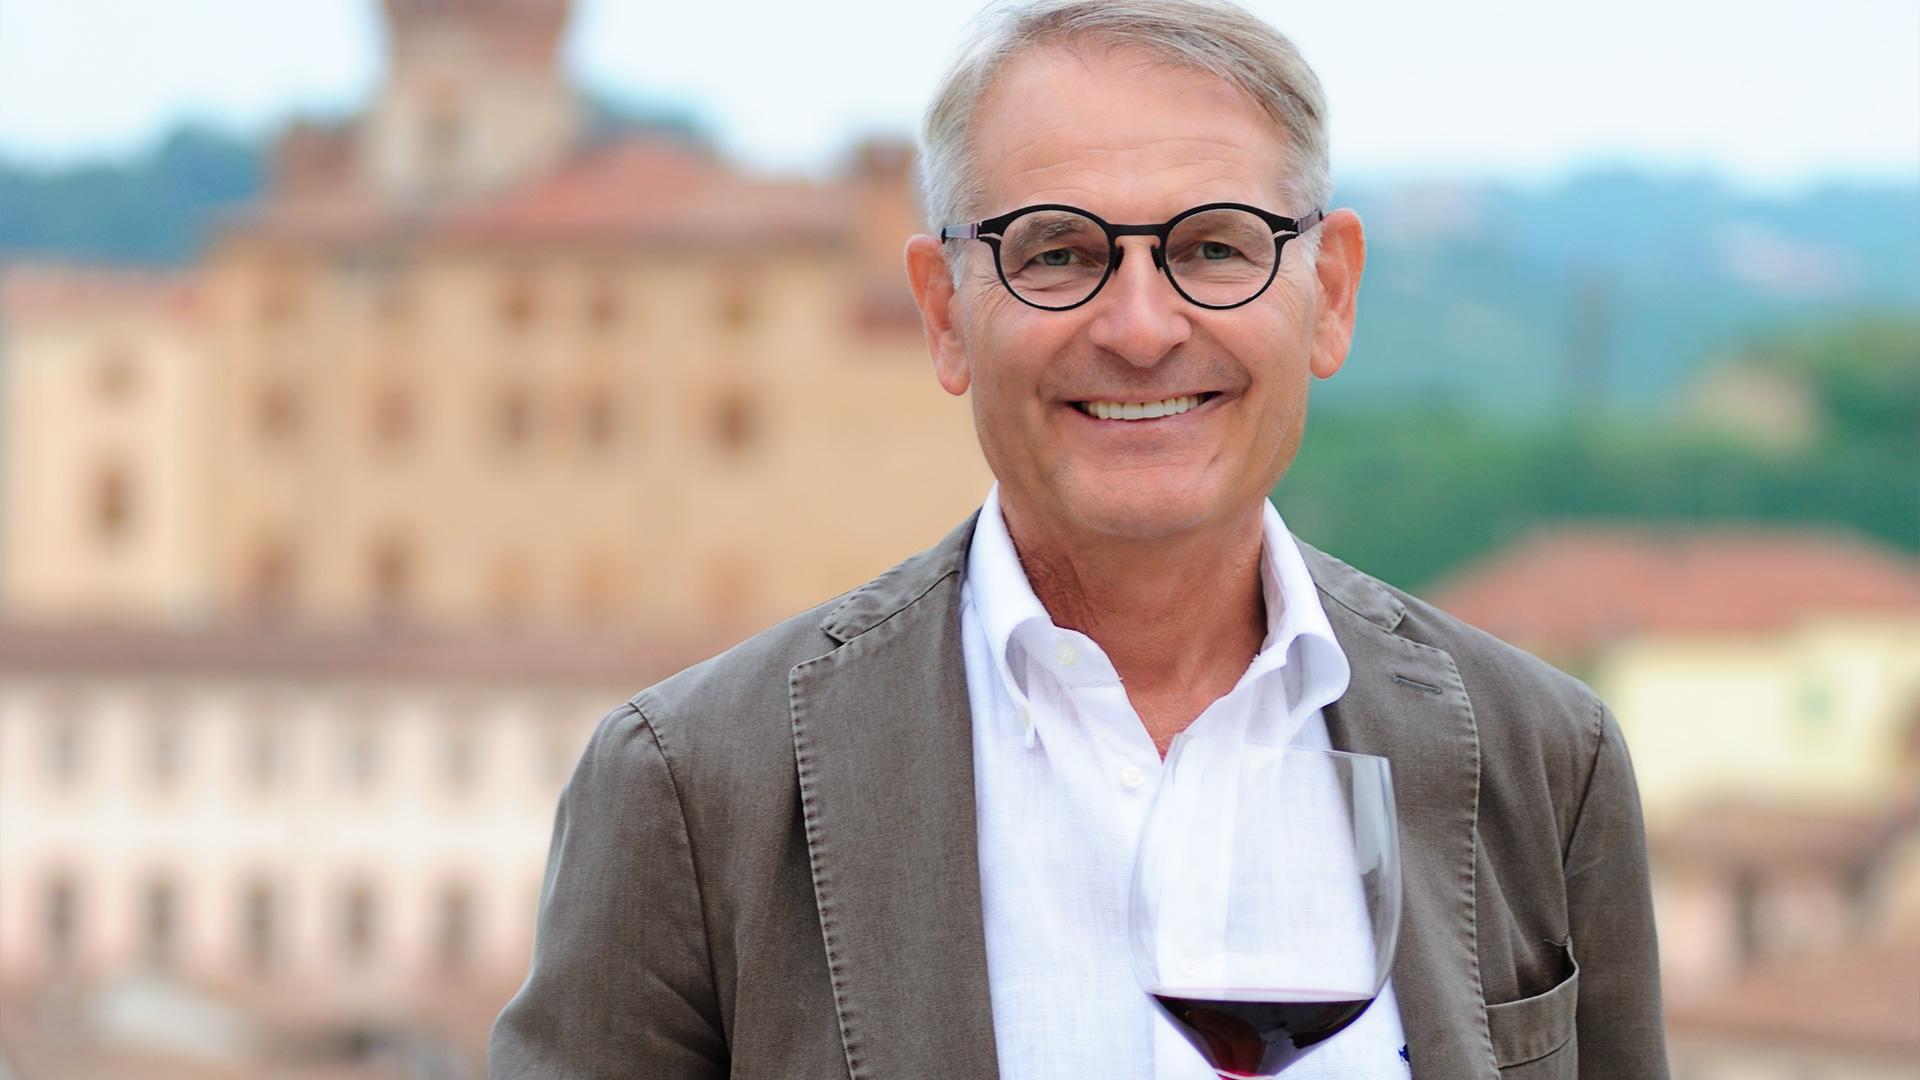 Ernesto Abbona confermato presidente dell'Unione Italiana Vini - Mixer Planet